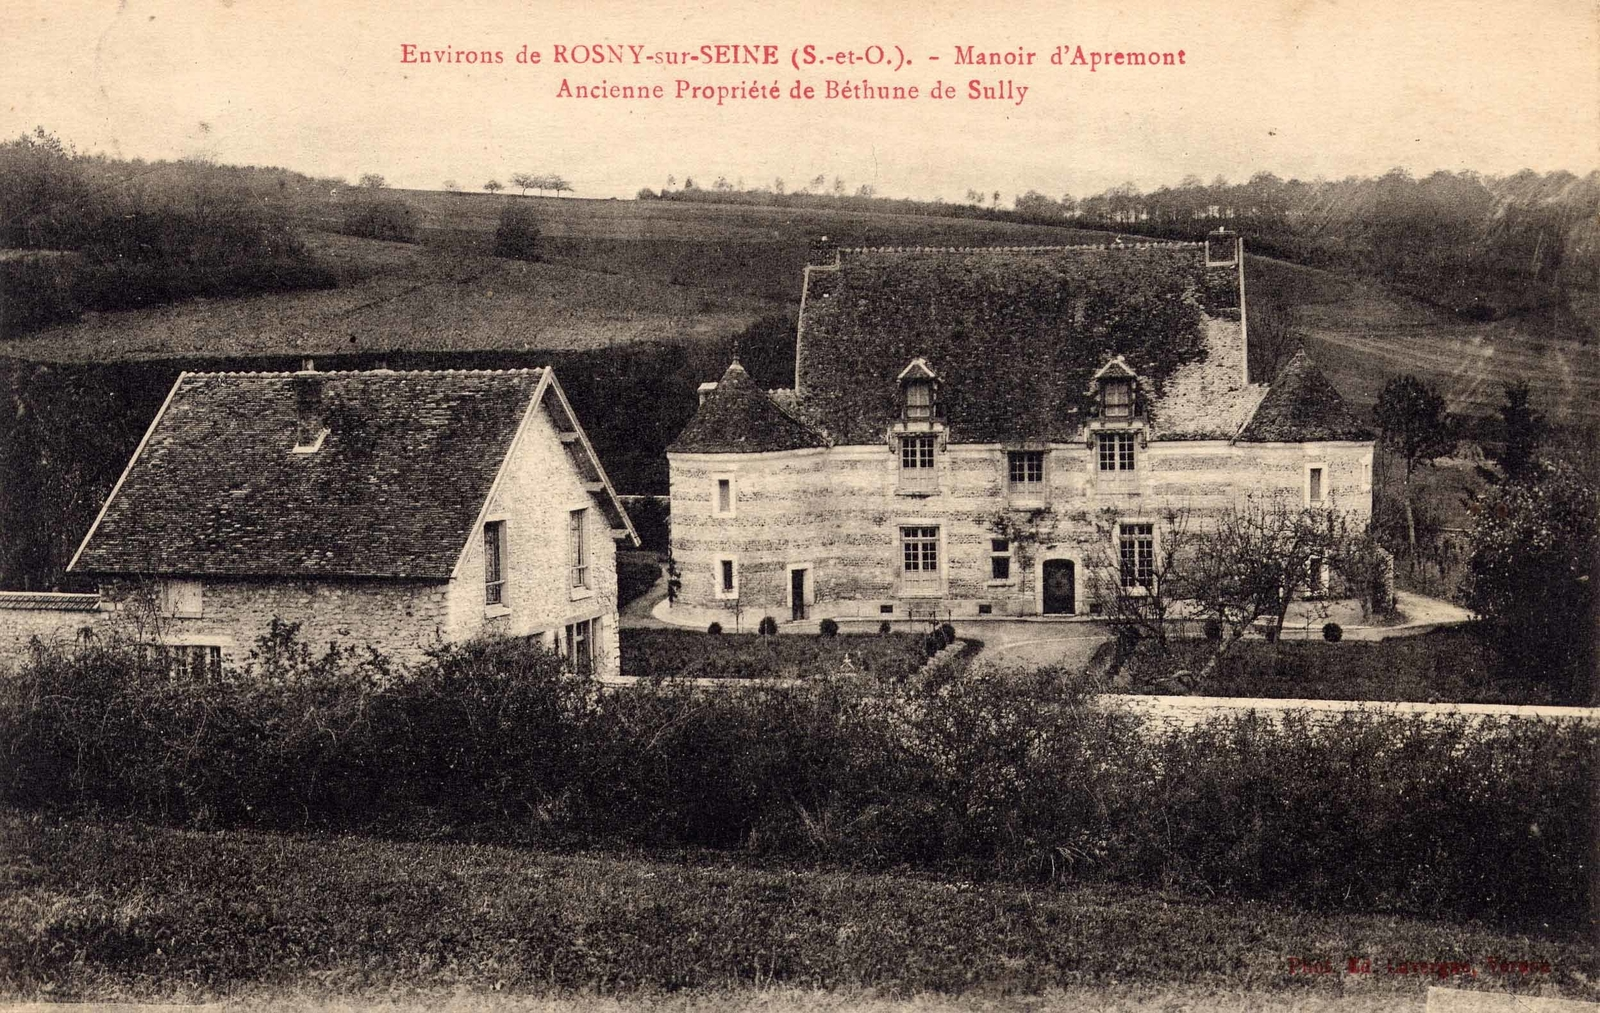 Perdreauville -  MANOIR D'APREMONT : Le manoir d'Apremont est l'un des plus anciens manoirs seigneuriaux du département des Yvelines. Cette demeure de la fin du XVème siècle ou début du XVIème siècle...